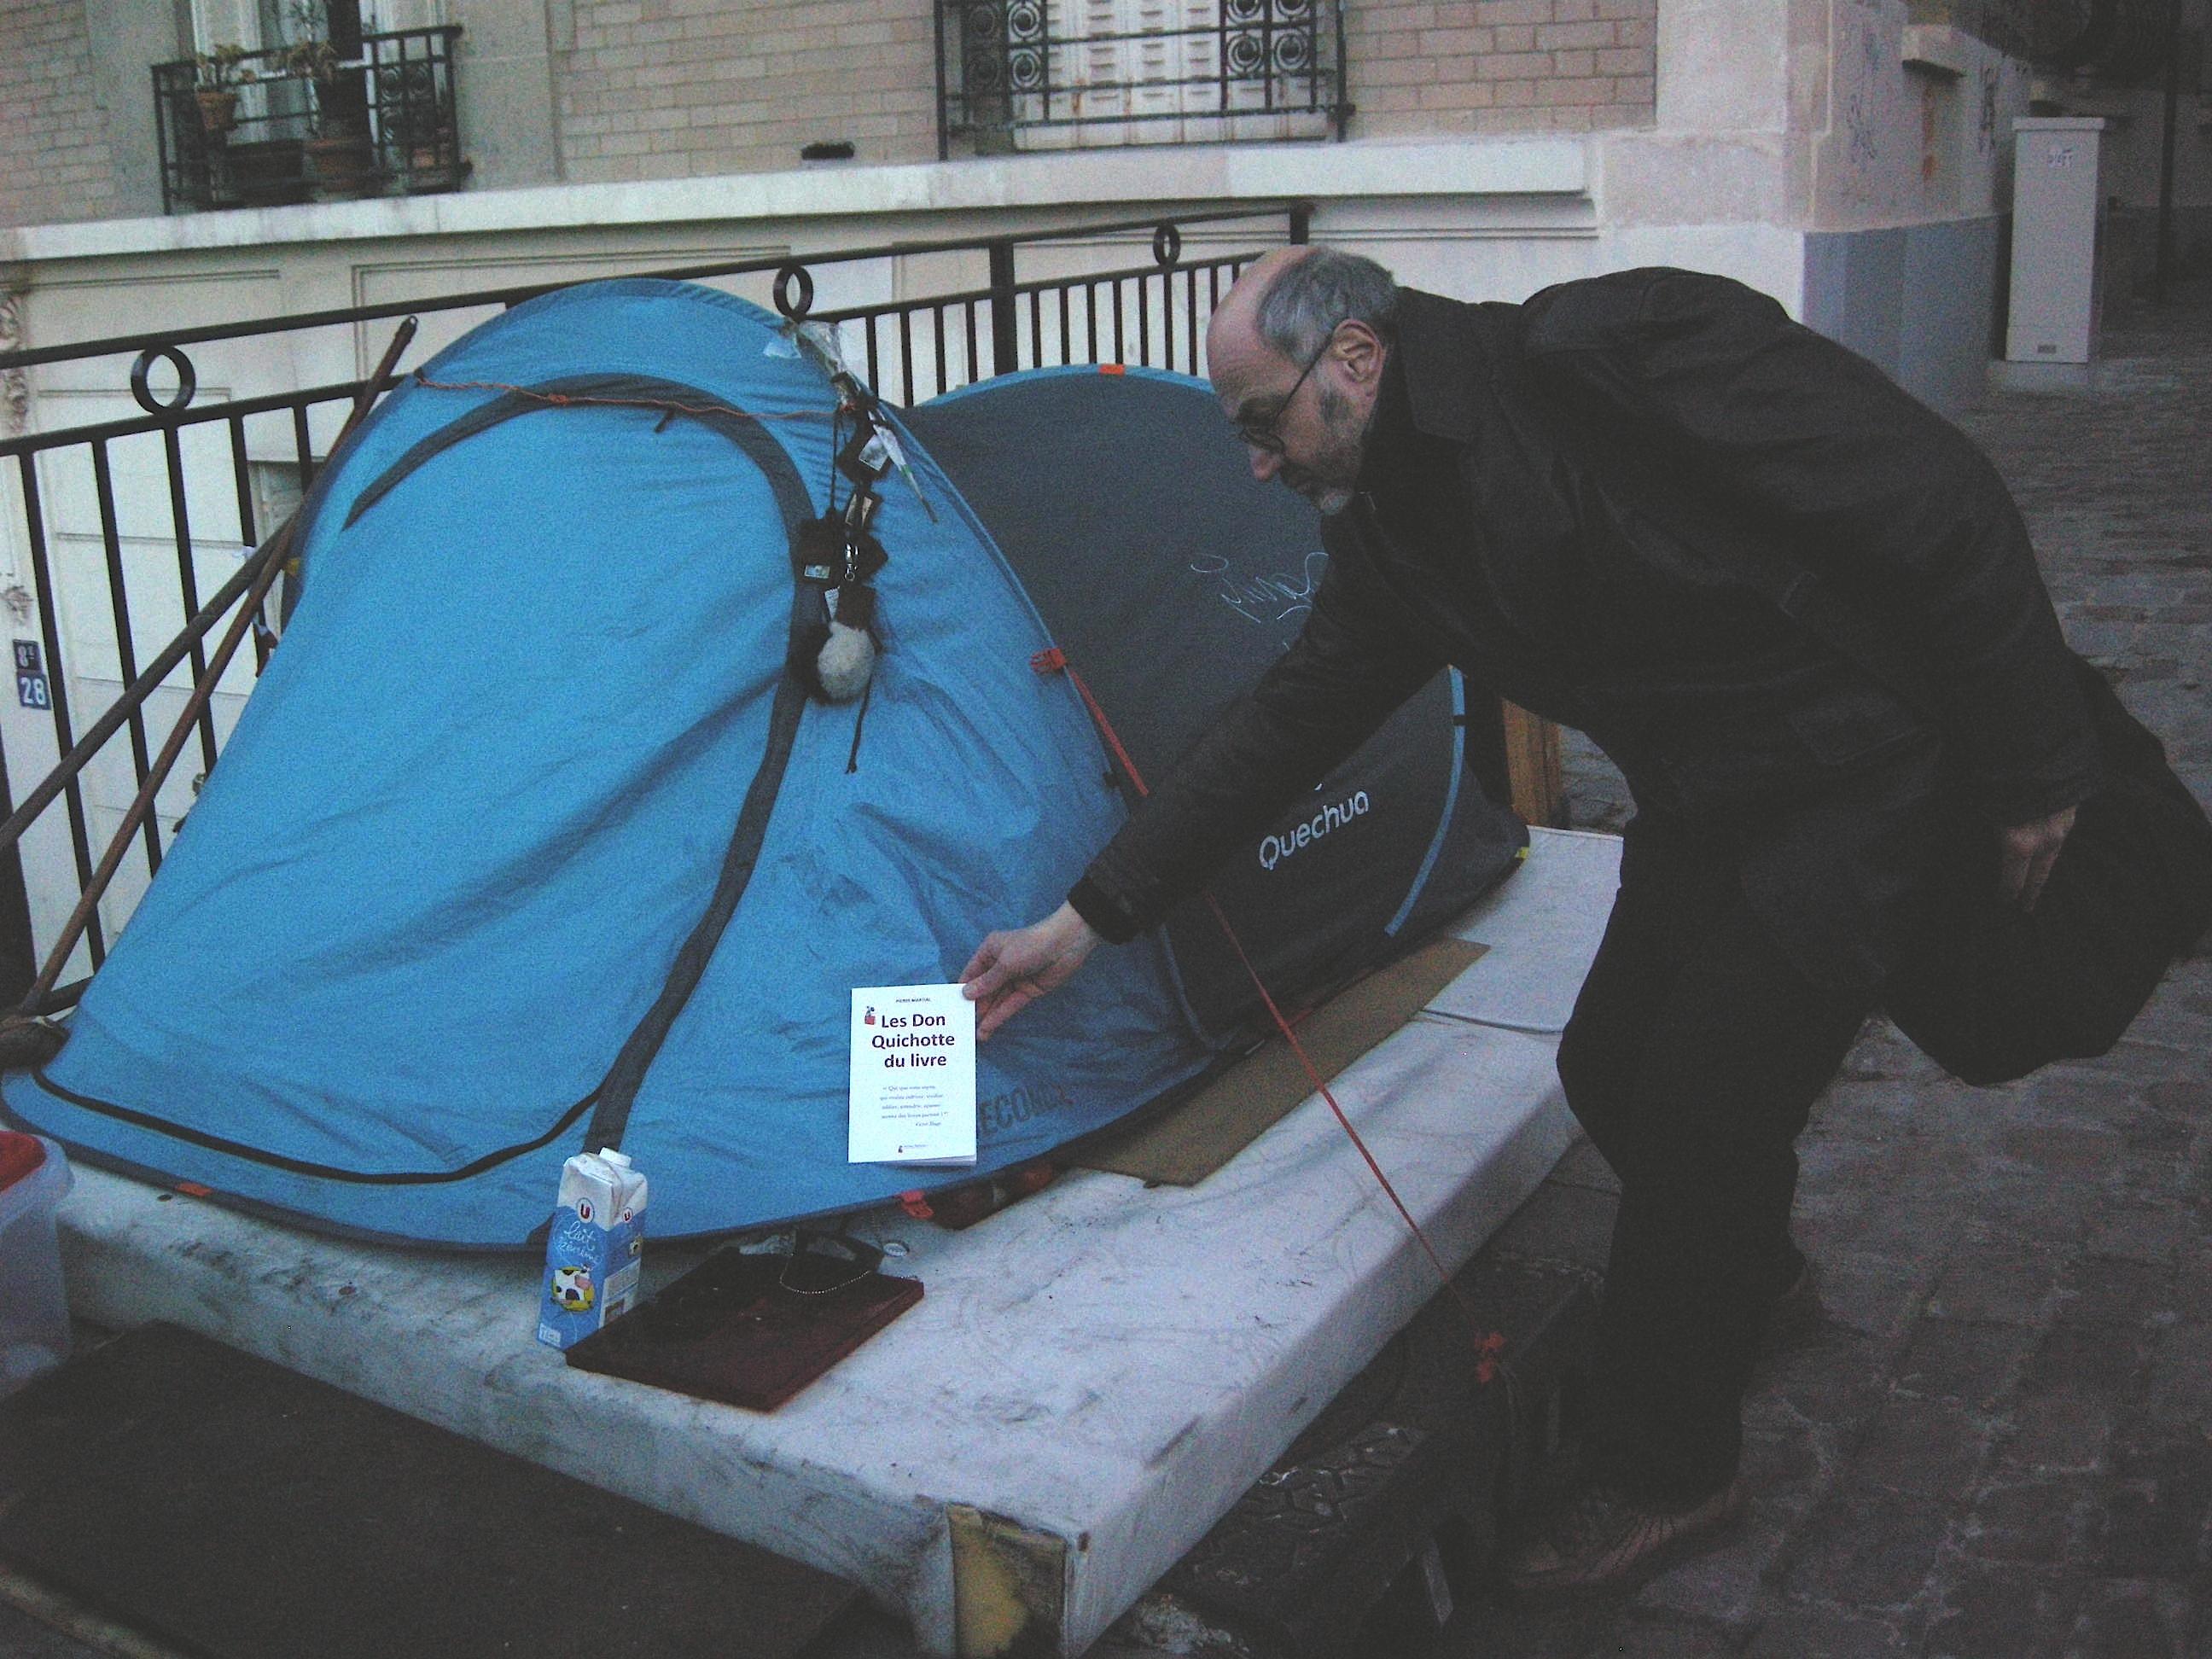 Don Quichotte du livre. Pierre Martial distribue gratuitement son  dernier ouvrage aux sdf parisiens.